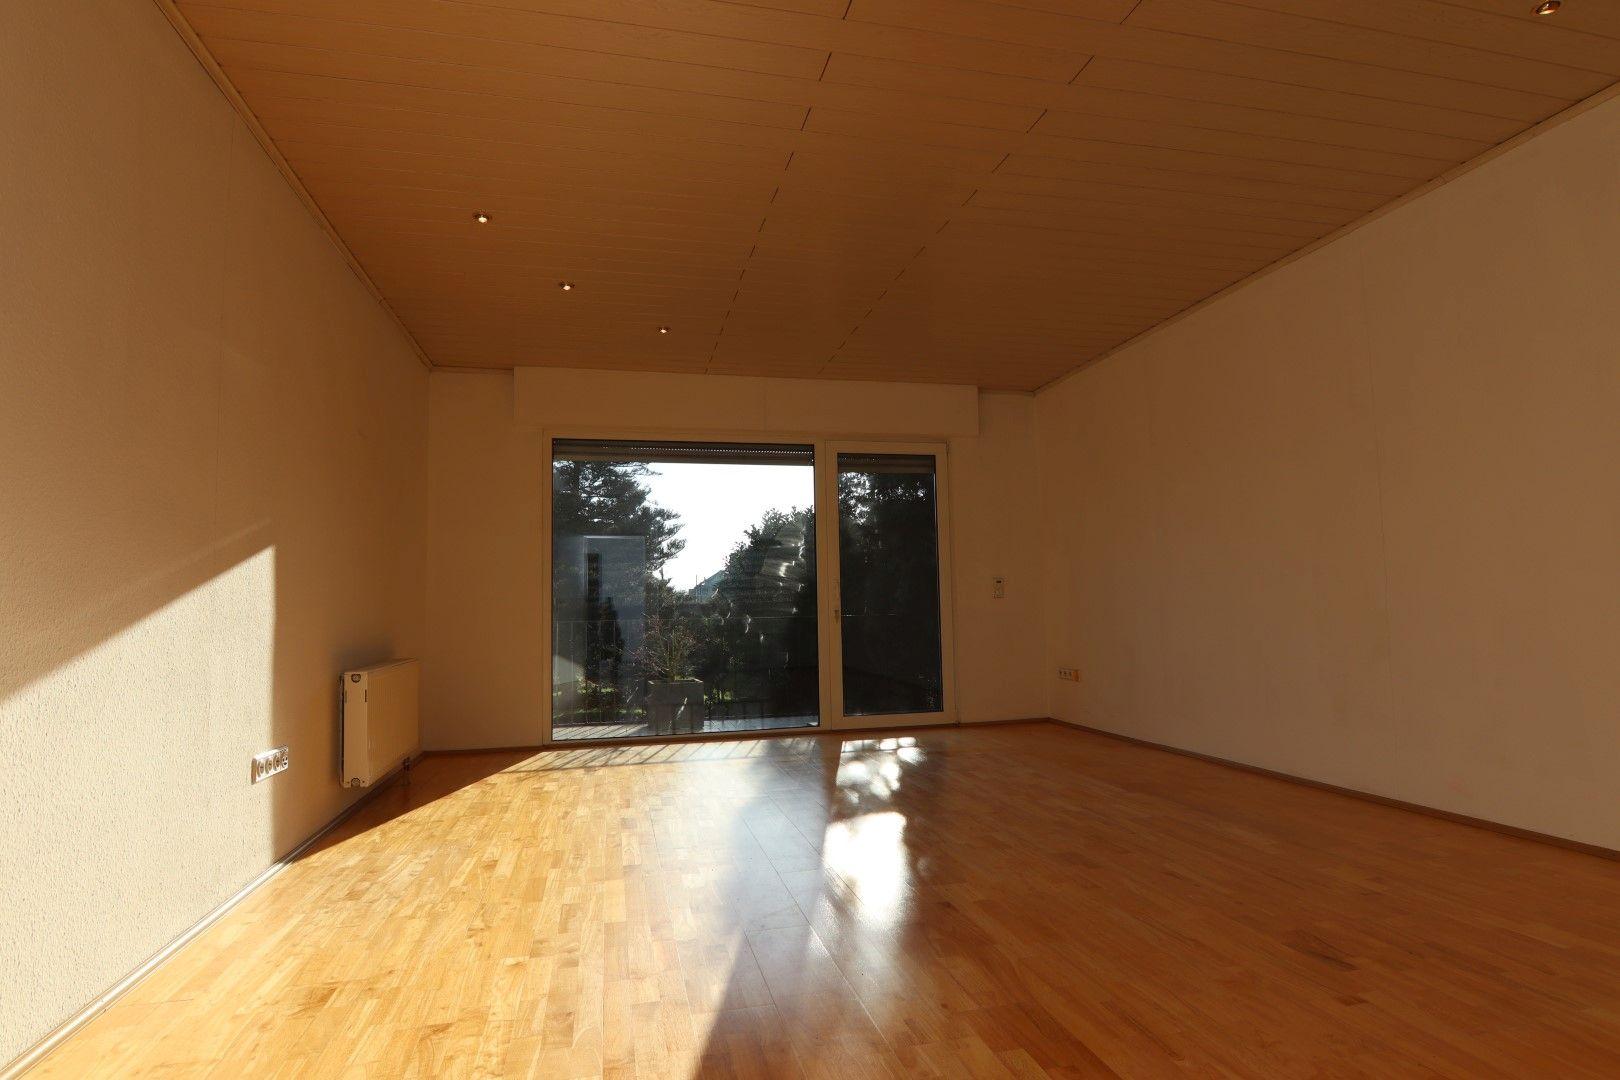 Immobilie Nr.0287 - Doppelhaushälfte mit Garten & Terrasse & Garage - Bild 14.jpg